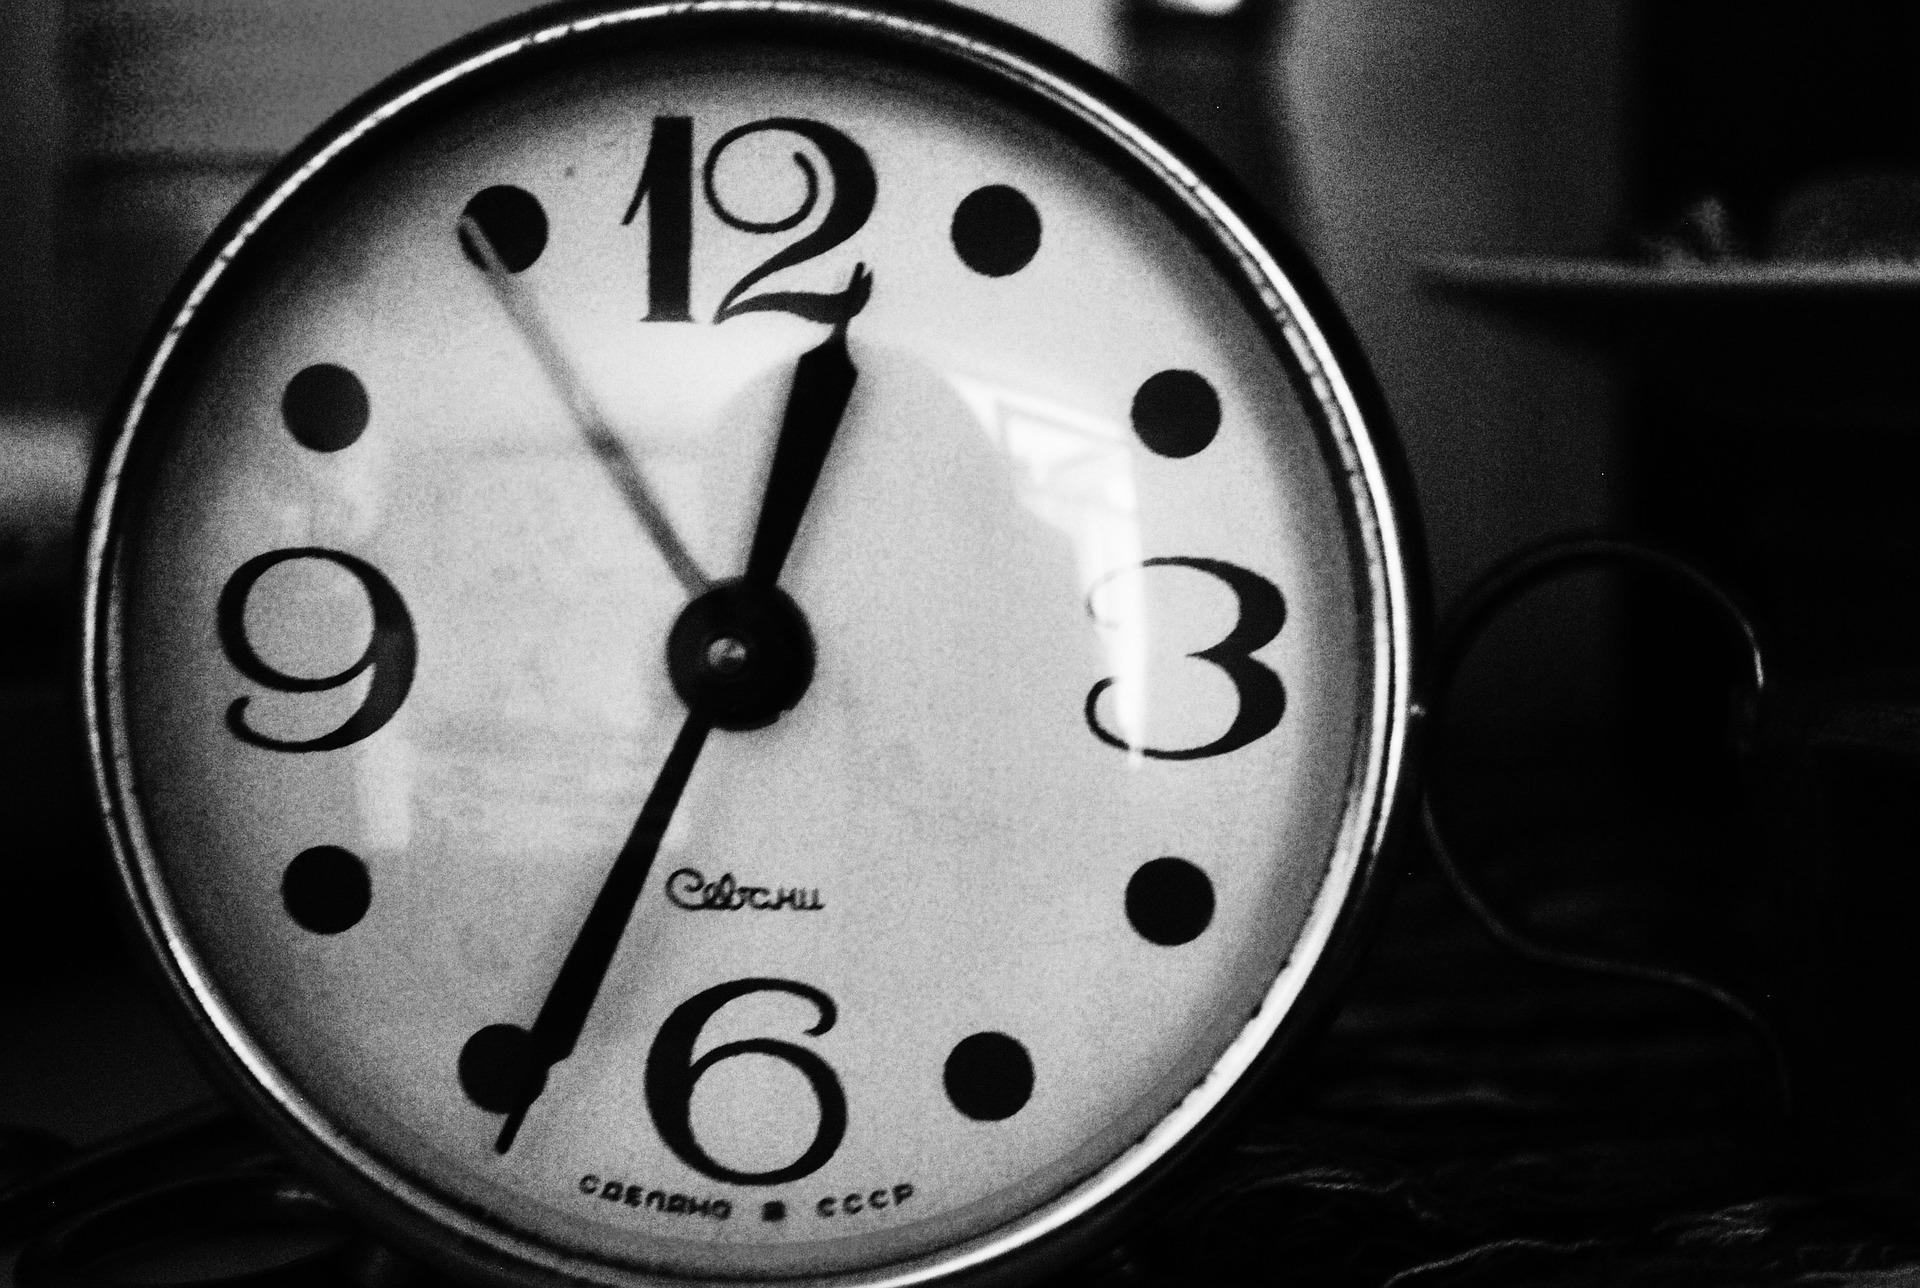 如果身體習慣1點睡 看到時鐘已經1點(實際上晚上12點) 心理作用就會開始讓身體感到疲勞 之後就會慢慢習慣早點睡了